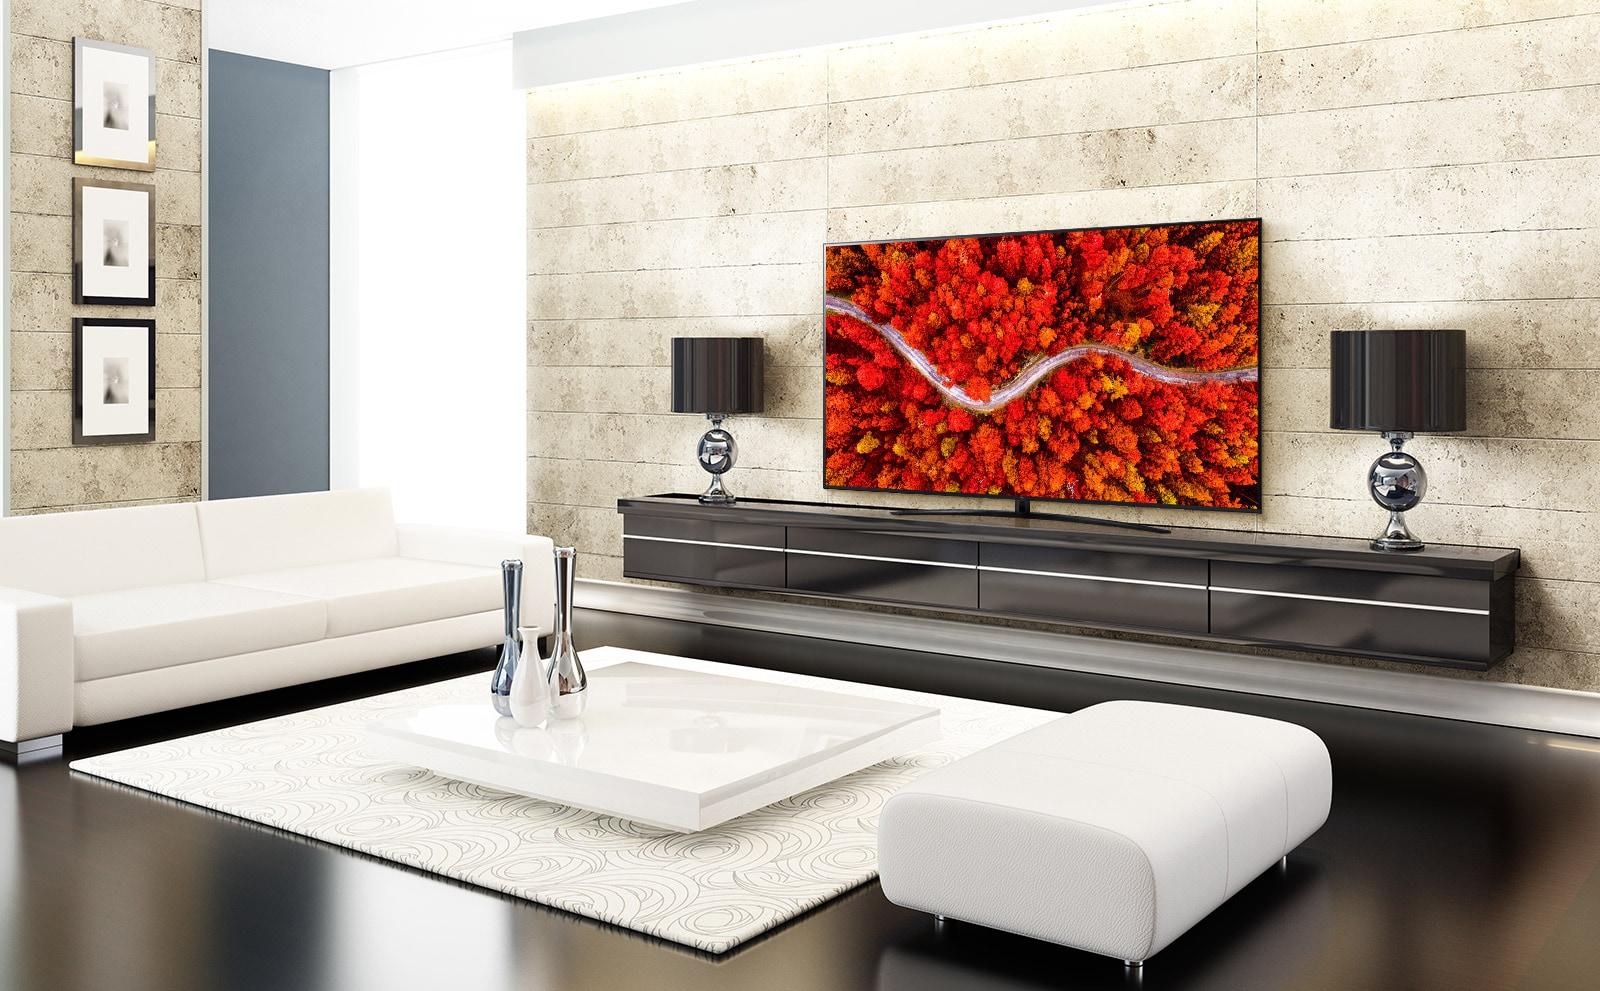 Een luxe woonkamer met een tv die een luchtfoto van bossen in het rood weergeeft.